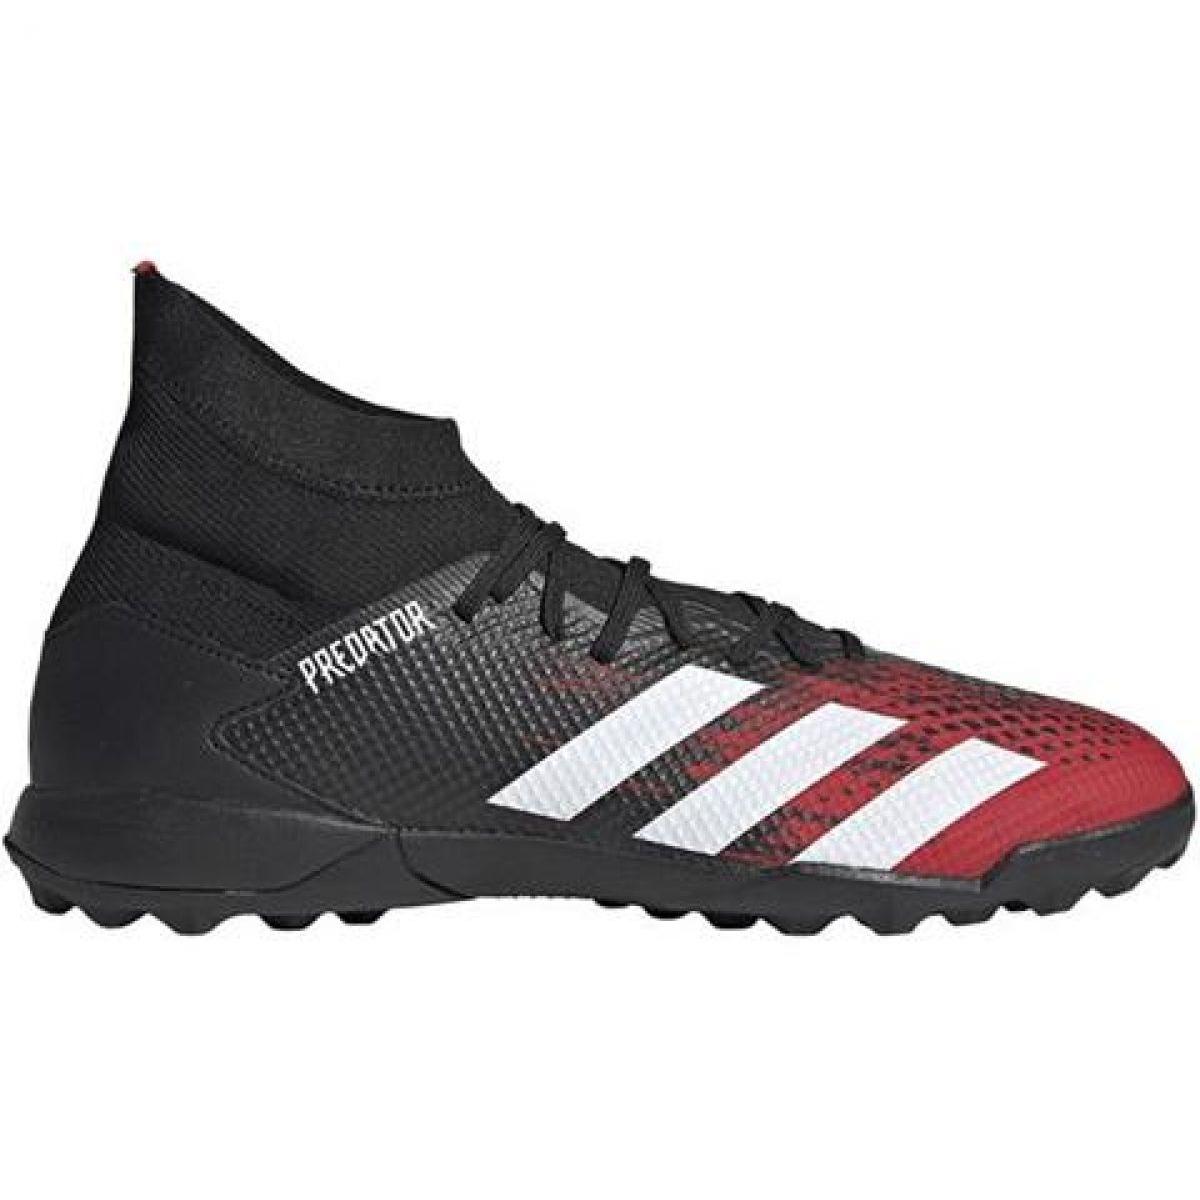 Adidas Predator 20.3 Tf M EF2208 football shoes multicolored black